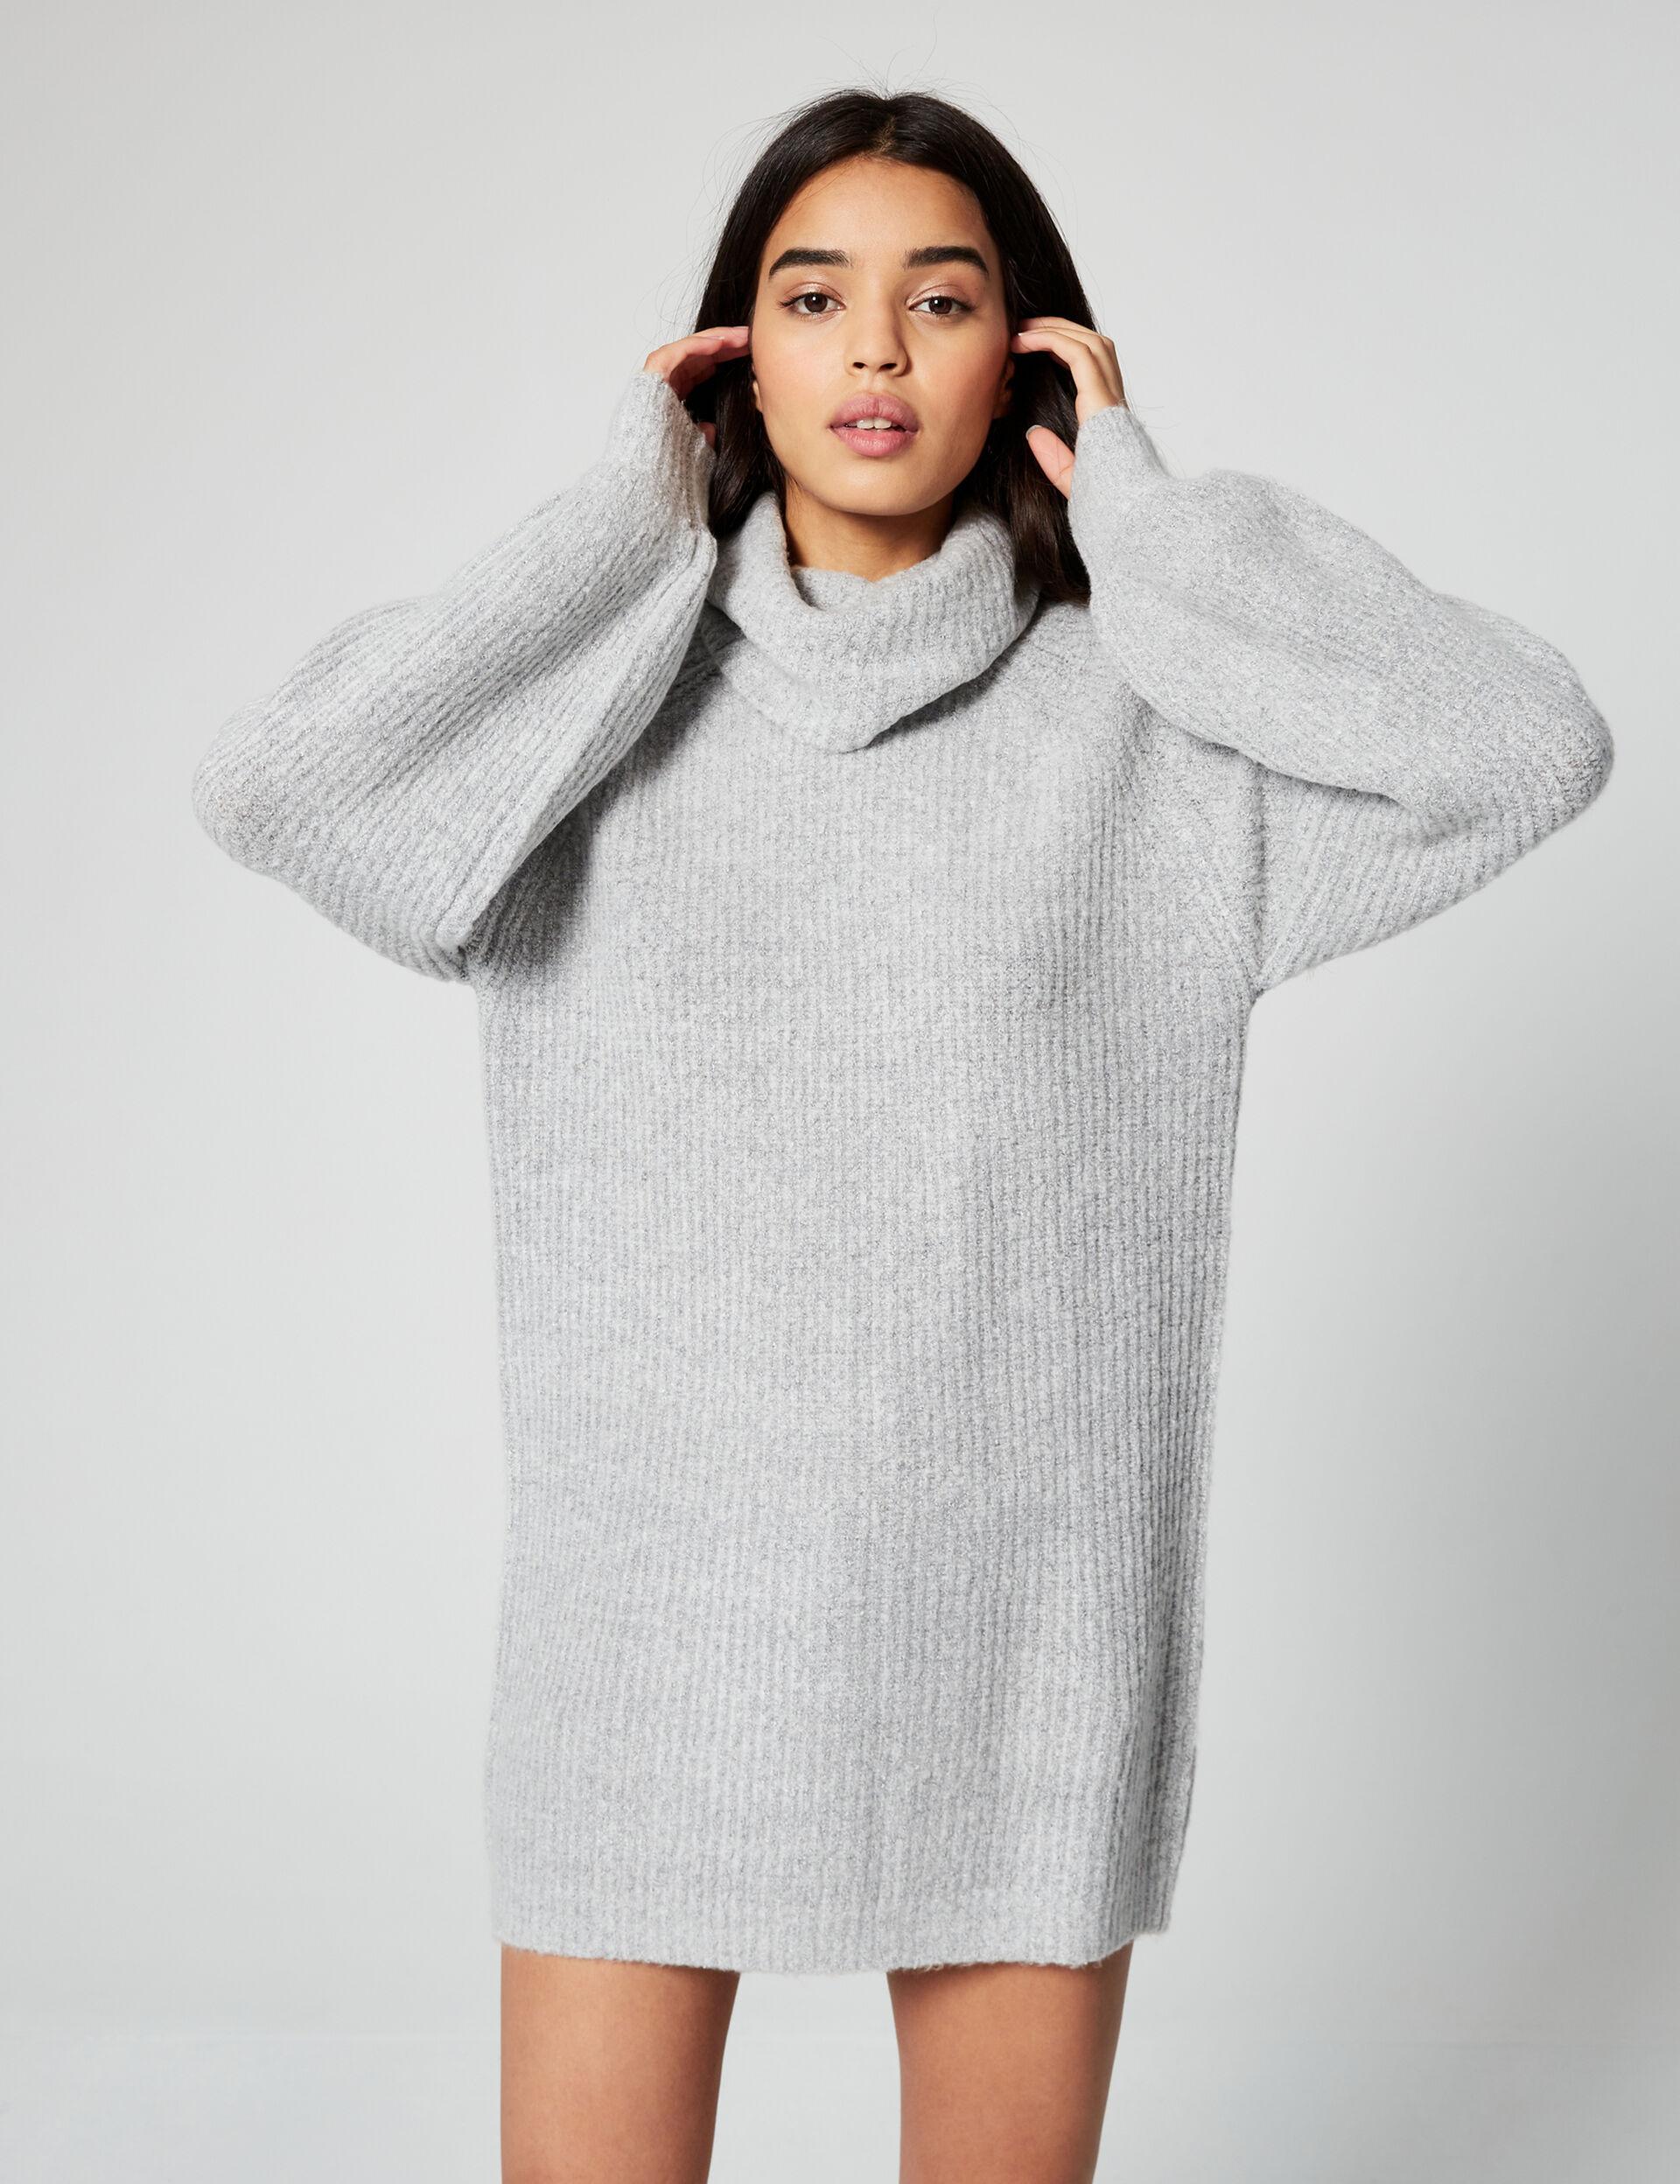 Long oversized jumper